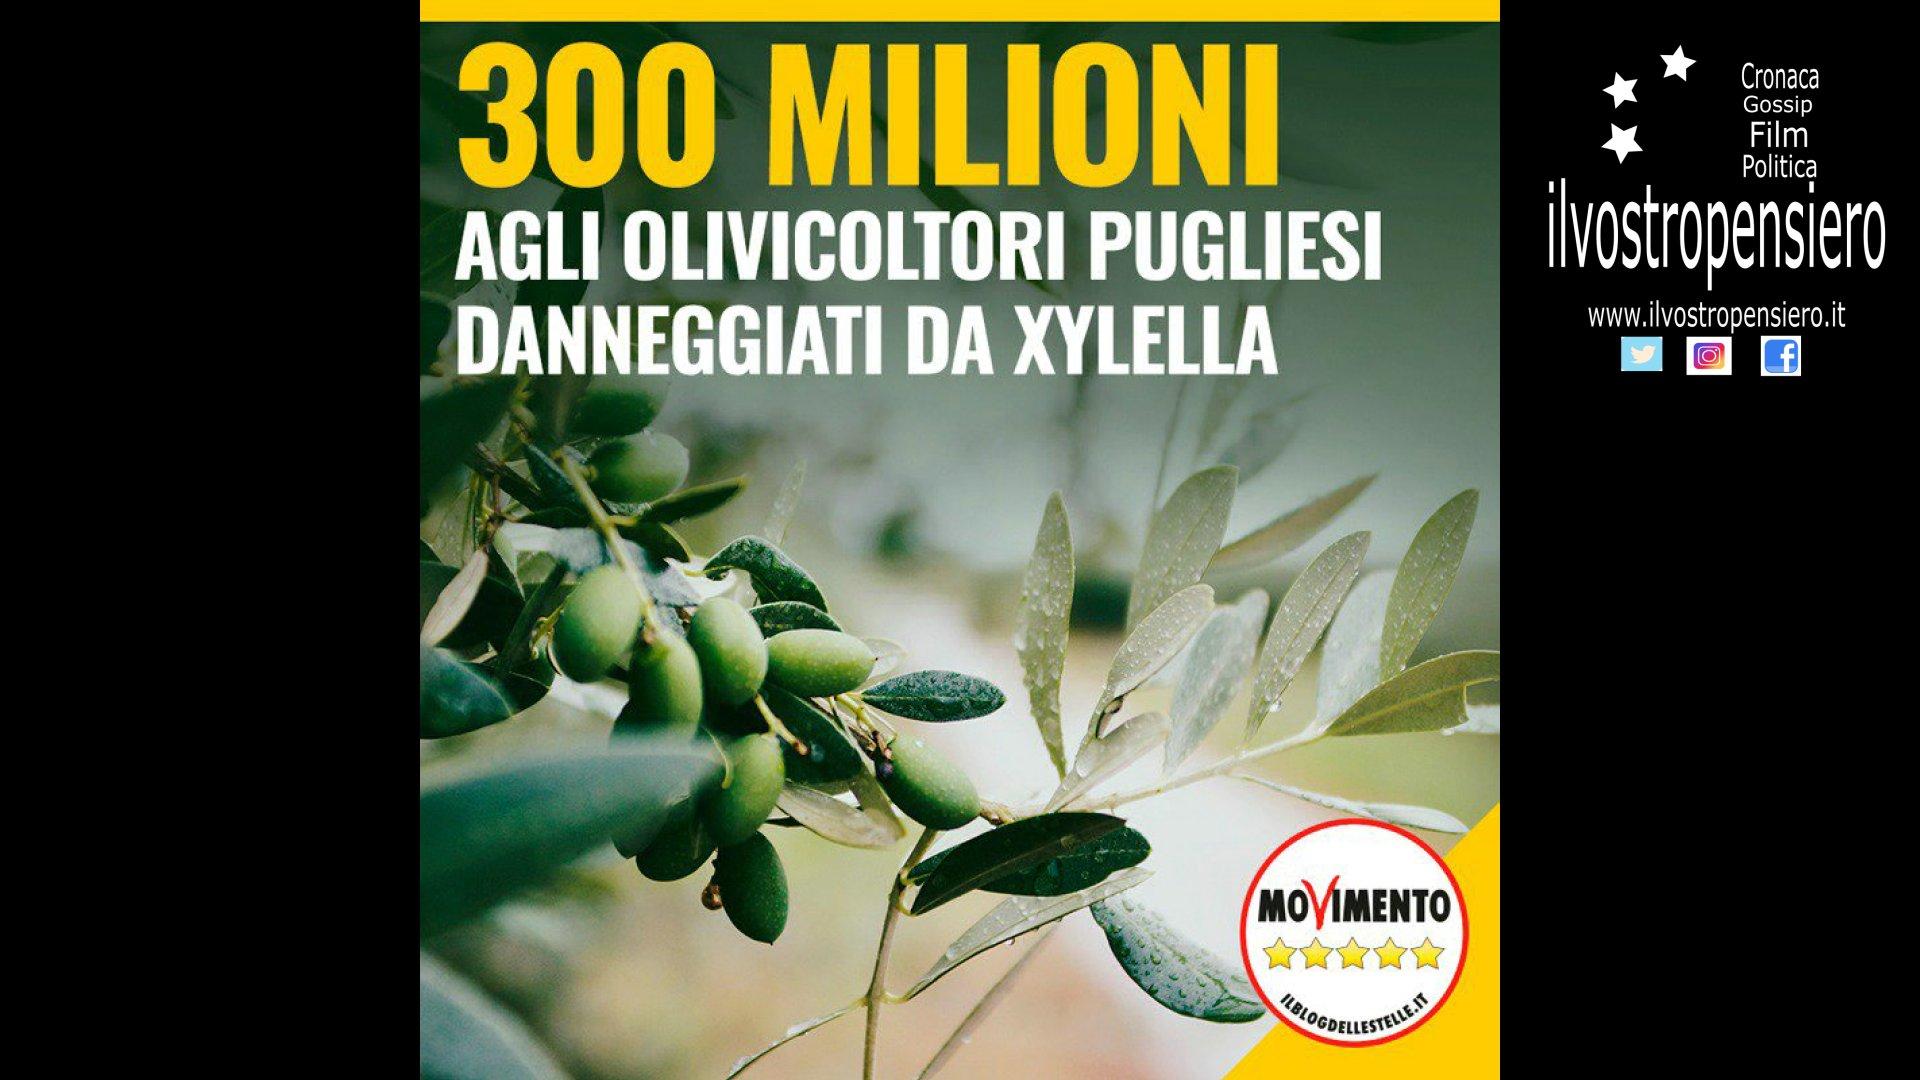 Movimento 5 stelle: 300 milioni agli agricoltori pugliesi danneggiati dalla xylella